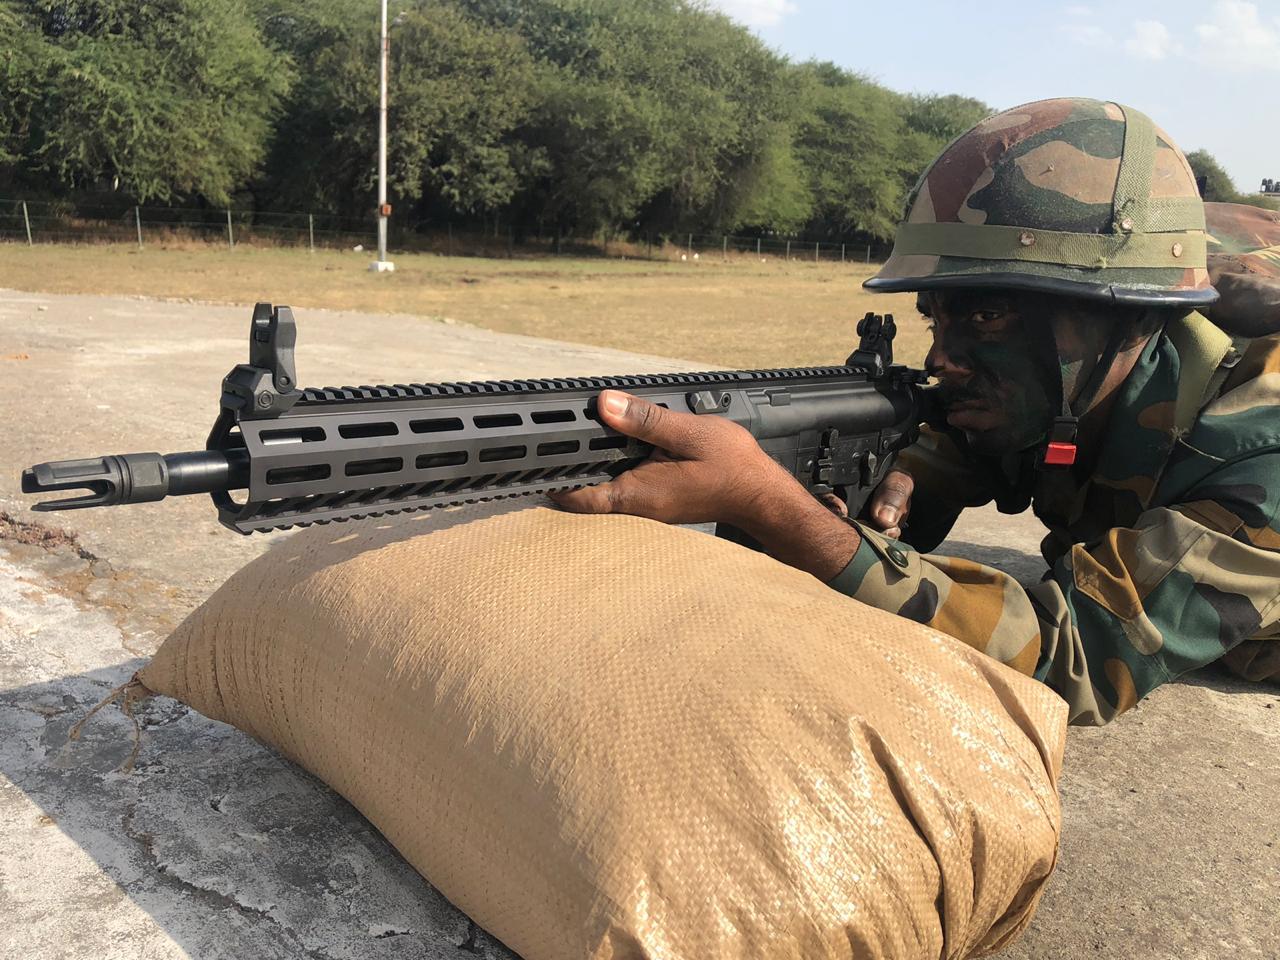 τυφέκιο Εθνικό όπλο: Πάμε για νέα τραγωδία σαν τα ΕΑΣ, ΕΛΒΟ, ΕΝΑΕ, ΕΑΒ